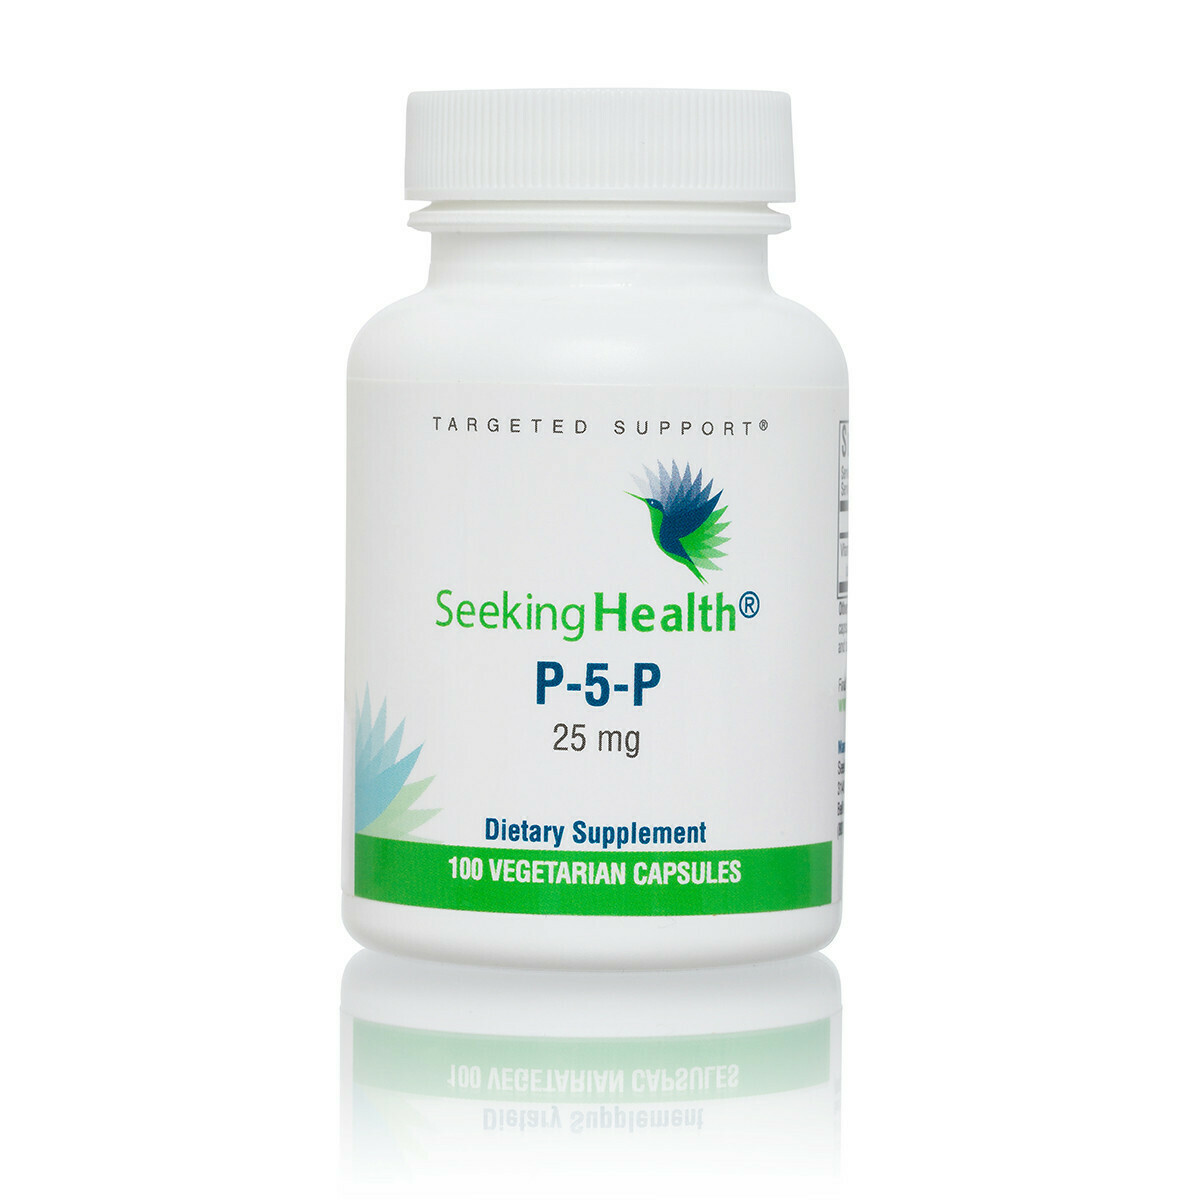 P-5-P (PYRIDOXAL 5-PHOSPHATE) 100 CAPSULES Seeking Health